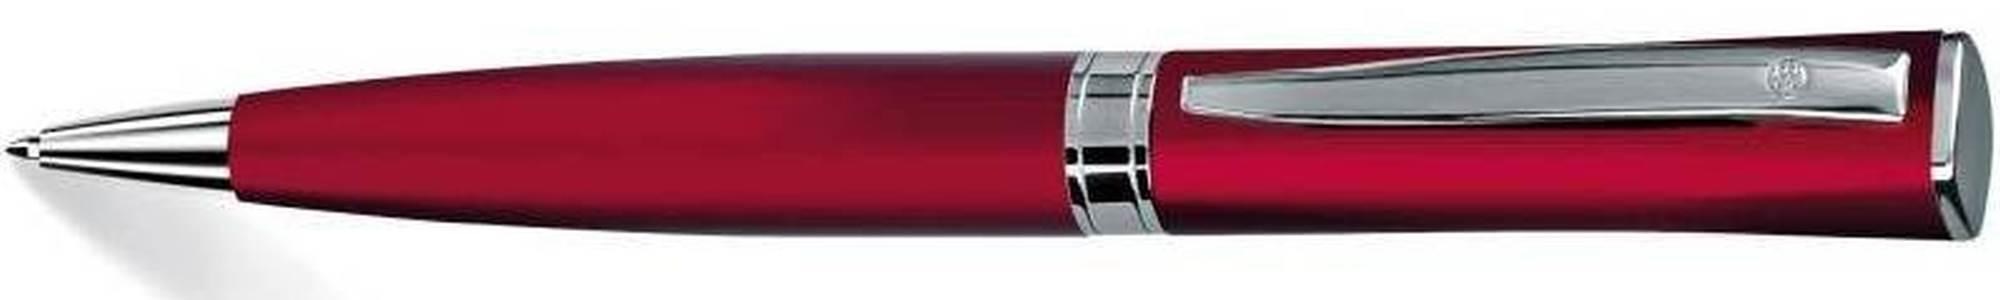 Długopis metalowy – Lecce Pen – 16504